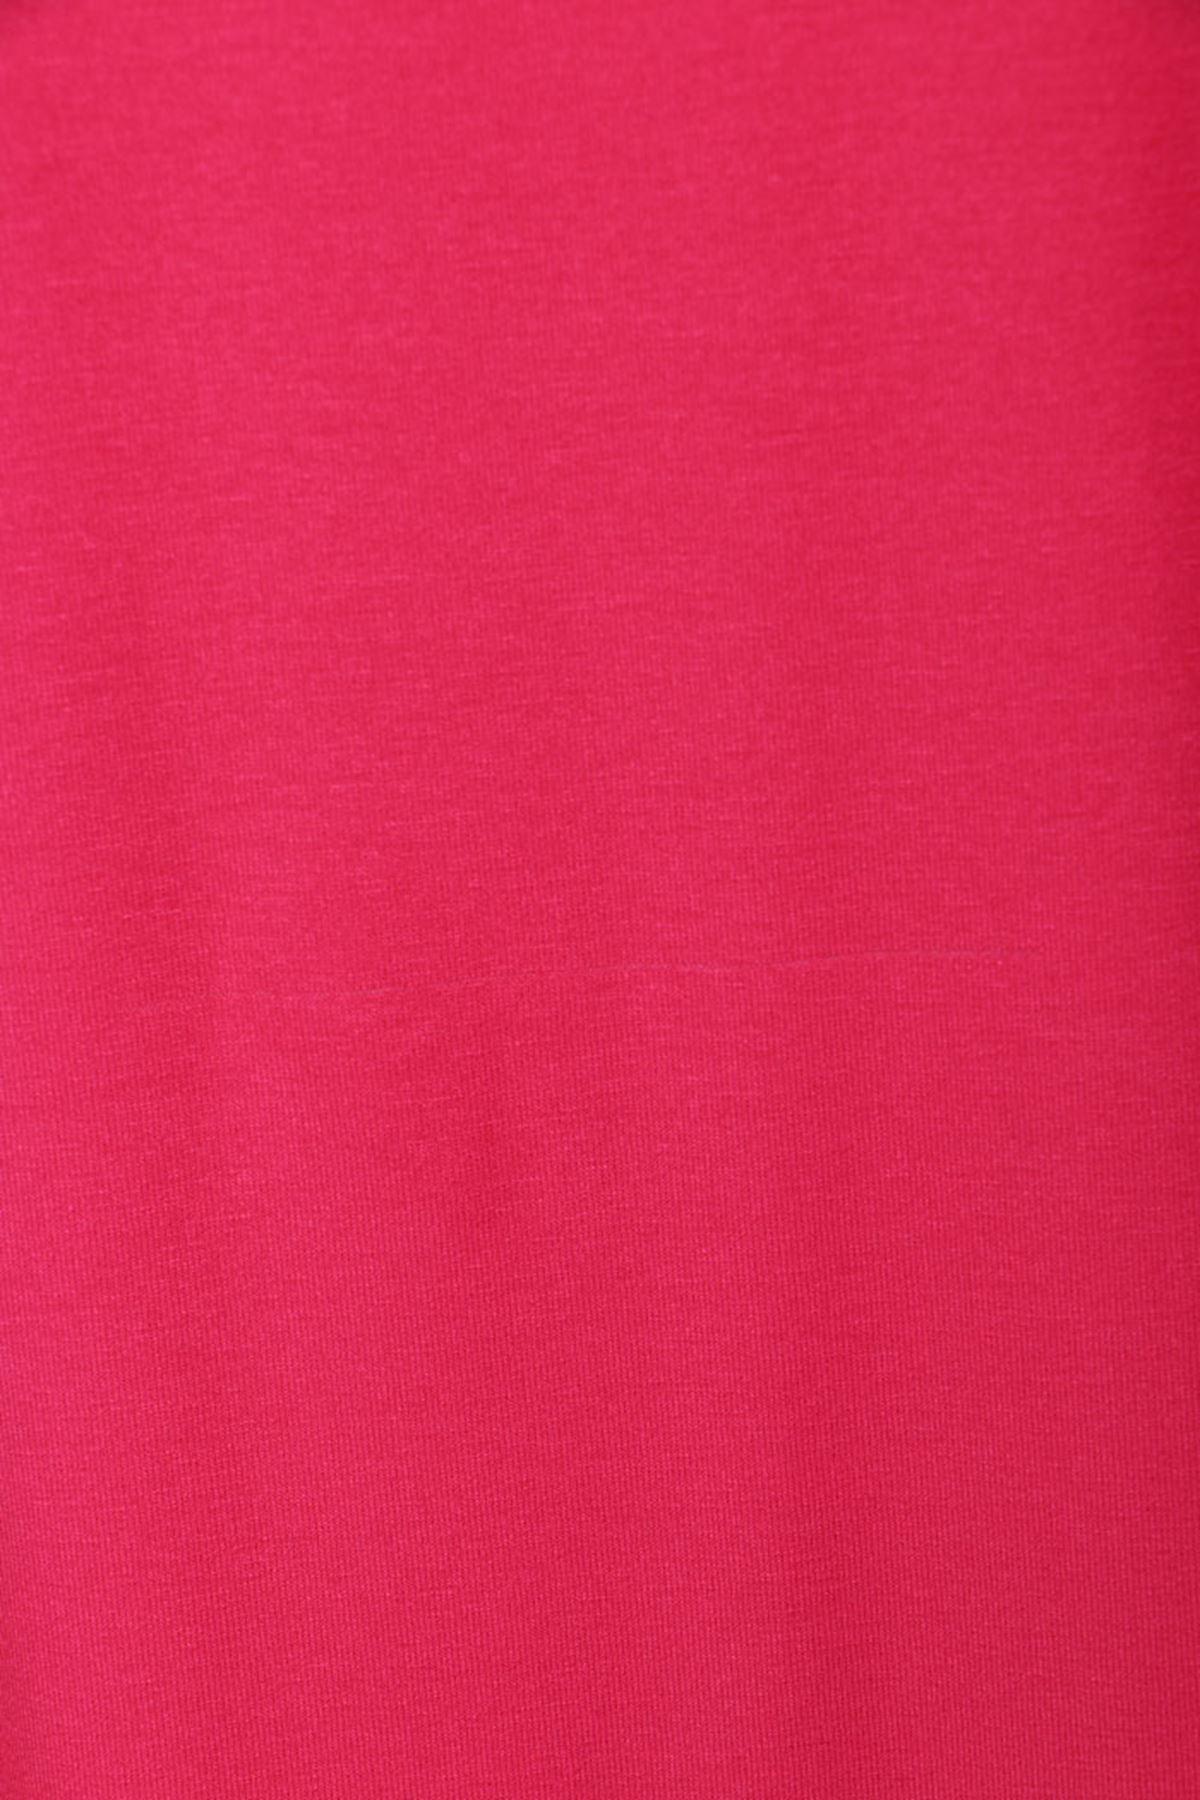 D-8455-1 Büyük Beden Defolu Düşük Kol Penye Tunik - Kırmızı